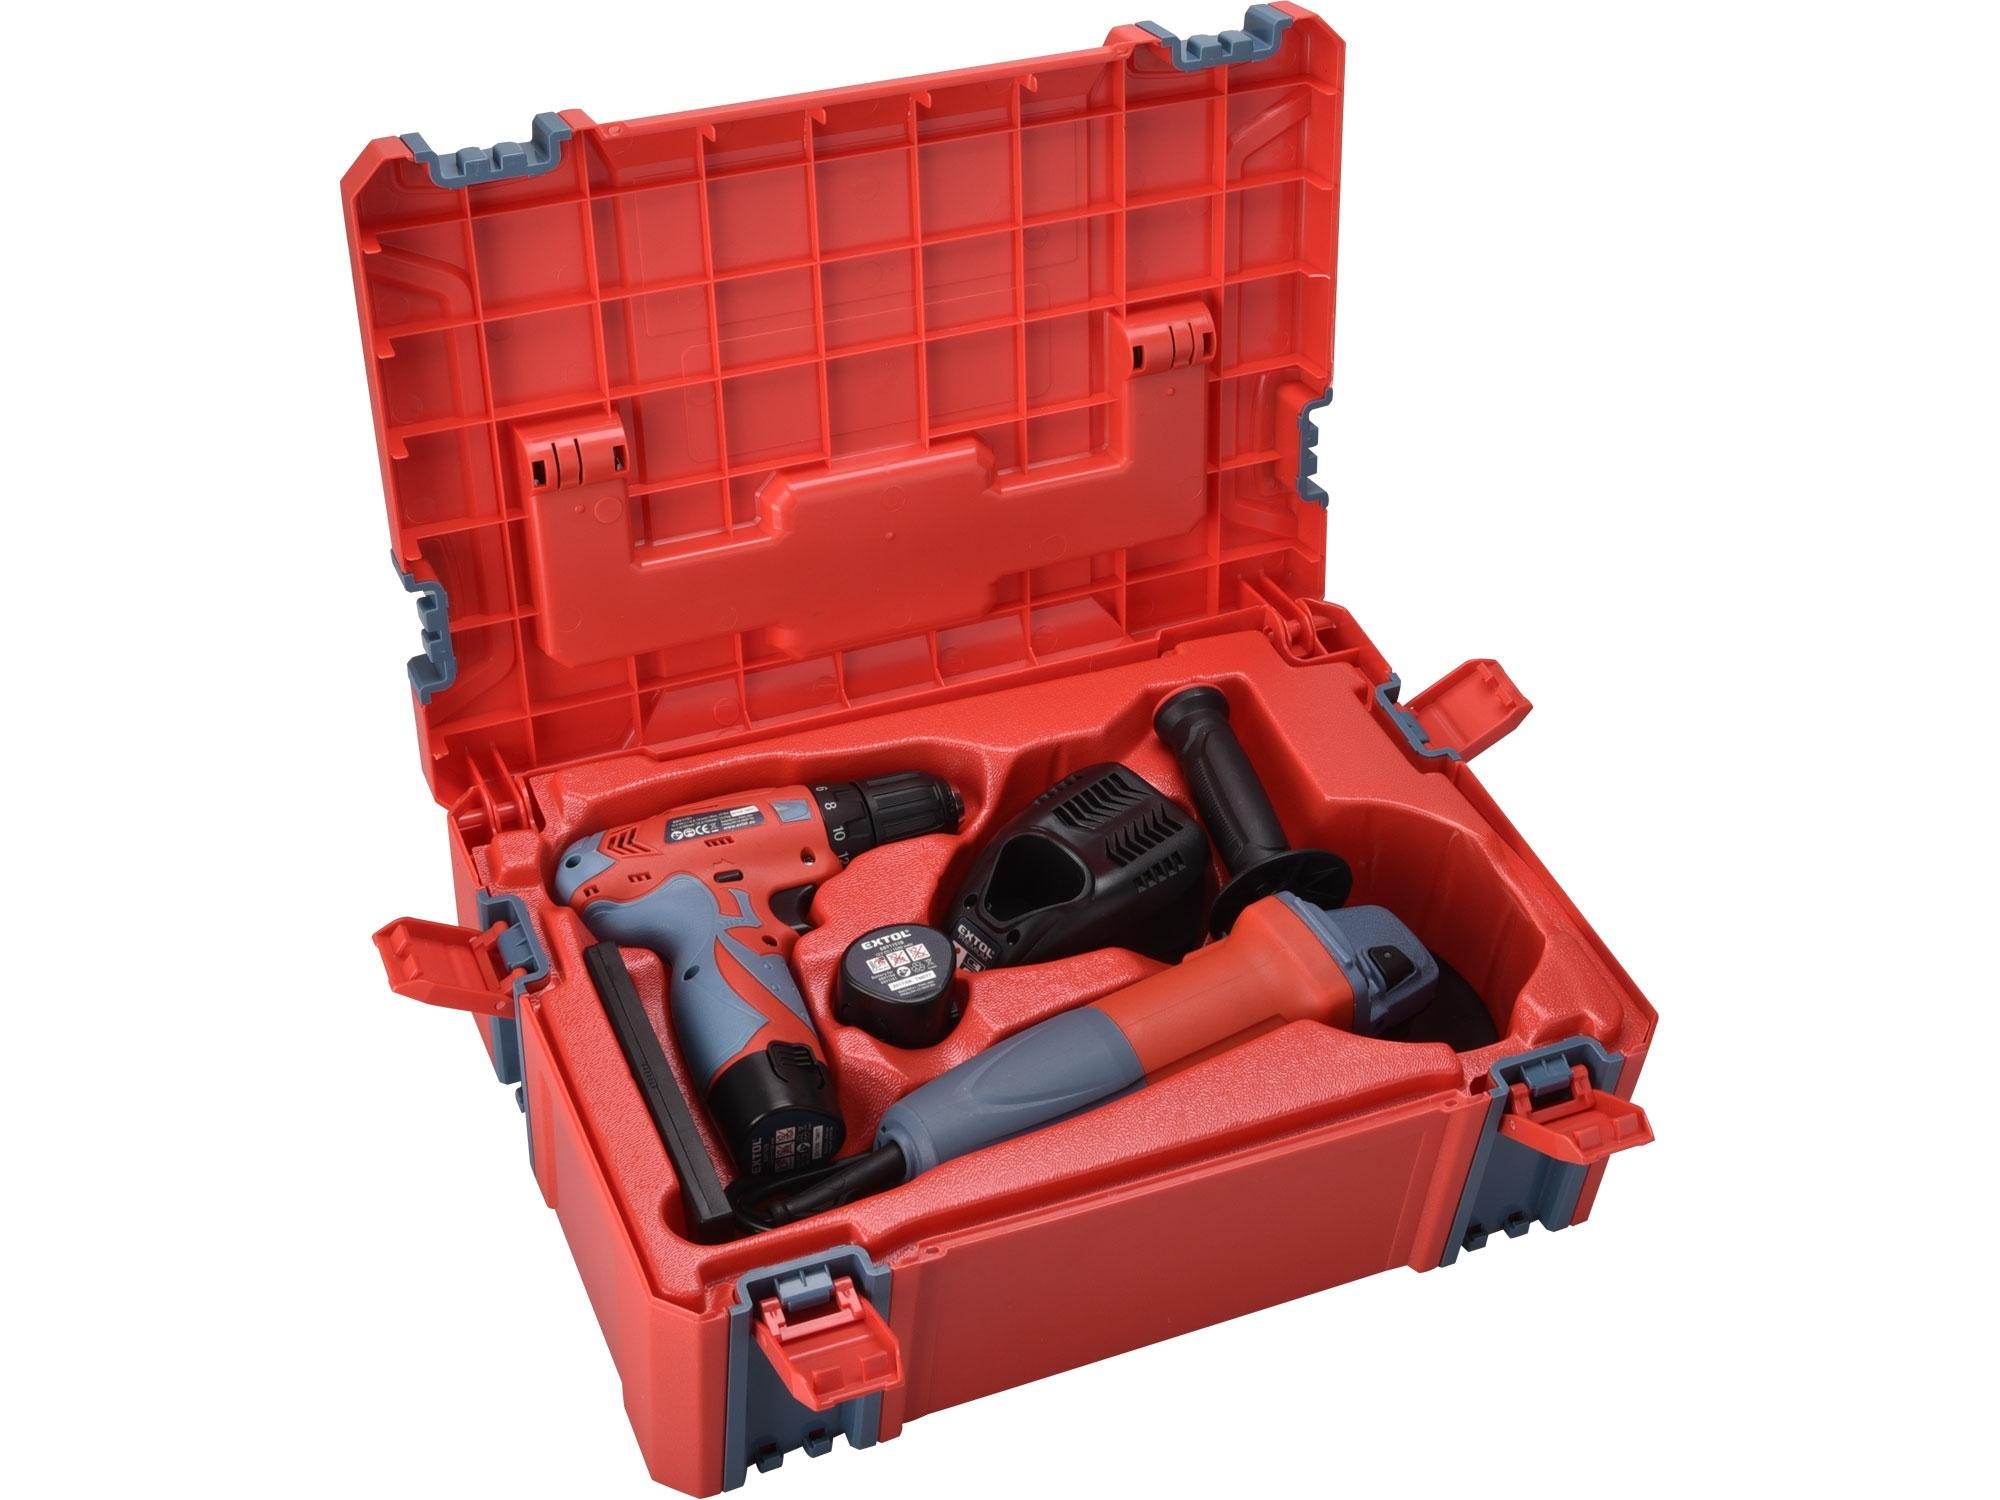 sada vrtačka aku 12V a bruska úhlová 125mm v plastovém boxu, EXTOL PREMIUM 8898311